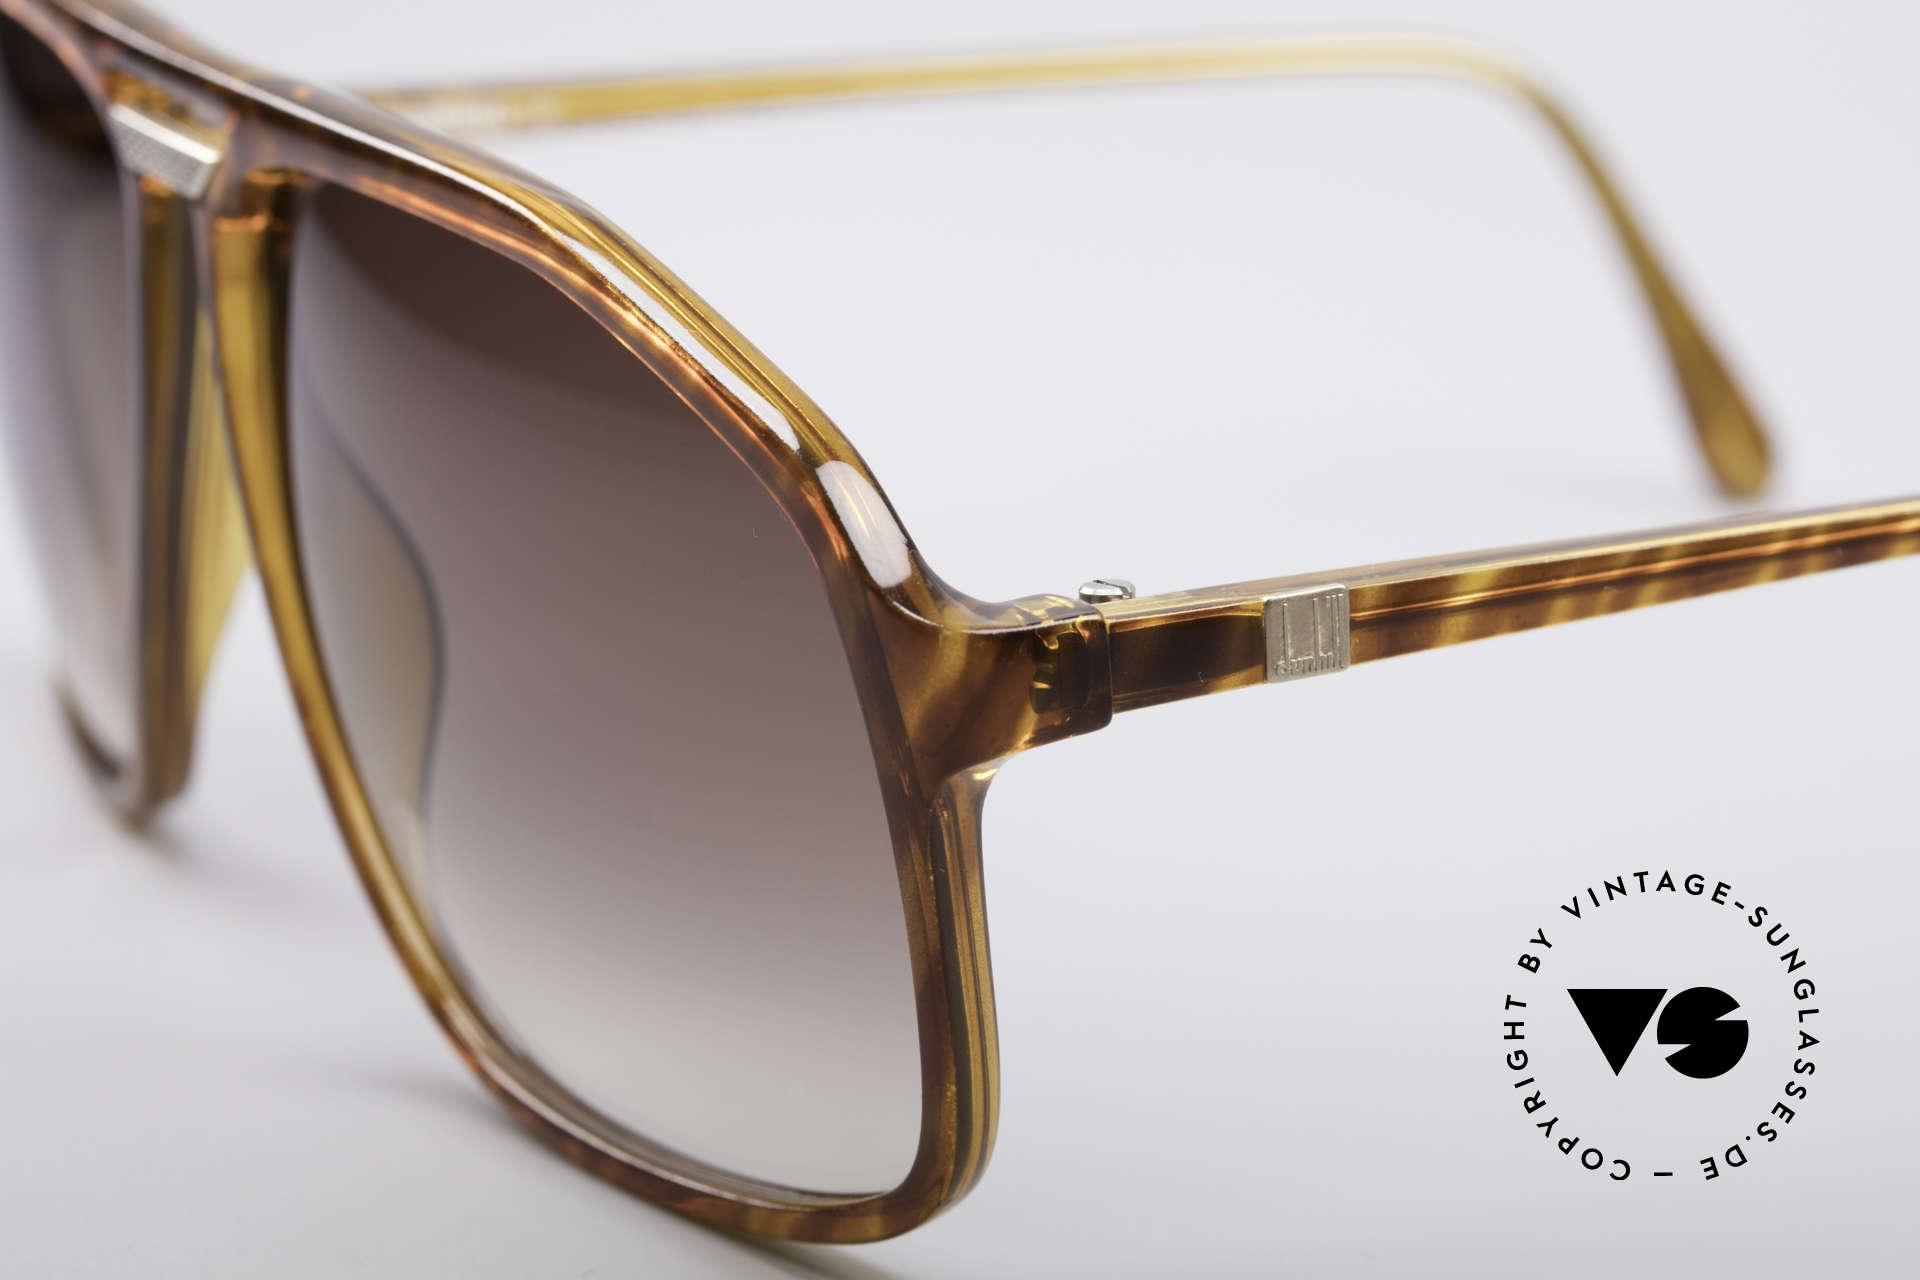 Dunhill 6097 Luxus Herren Sonnenbrille M, edler Farbton & Gläser in einem dunkelbraunen Verlauf, Passend für Herren